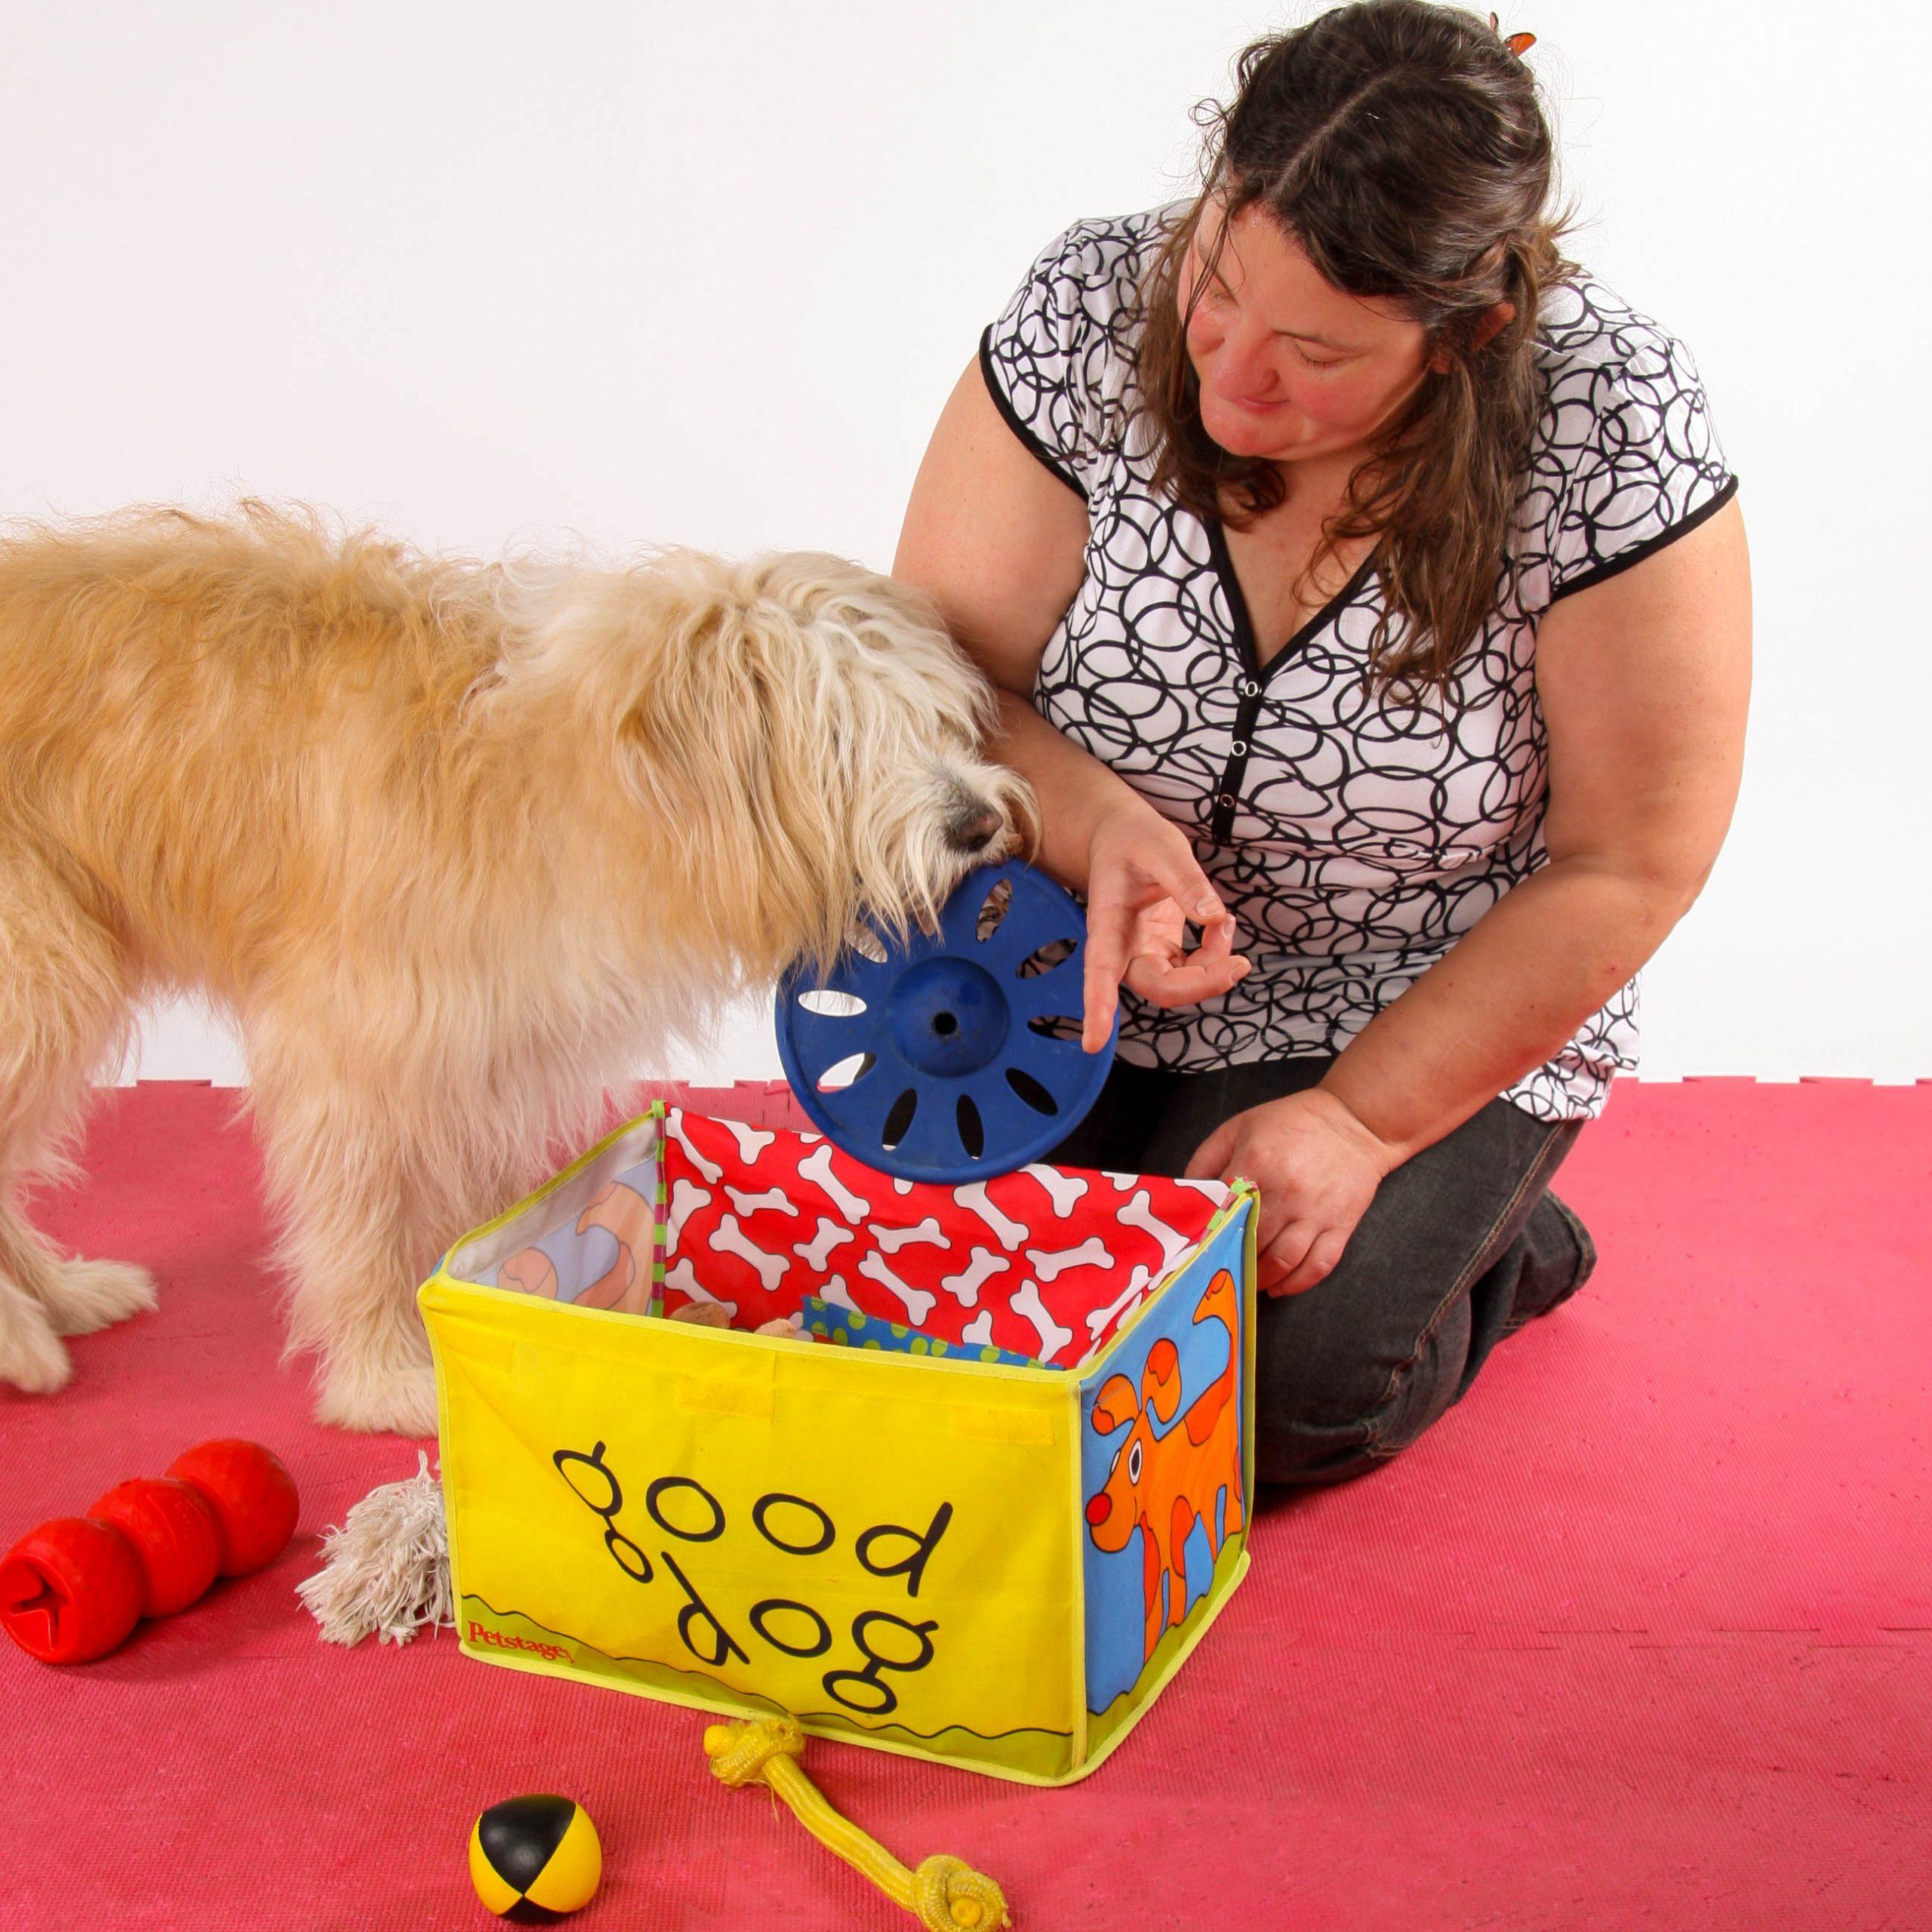 Mensch sitzt mit Hund auf dem Boden, der Hund soll die Spielsachen aufräumen